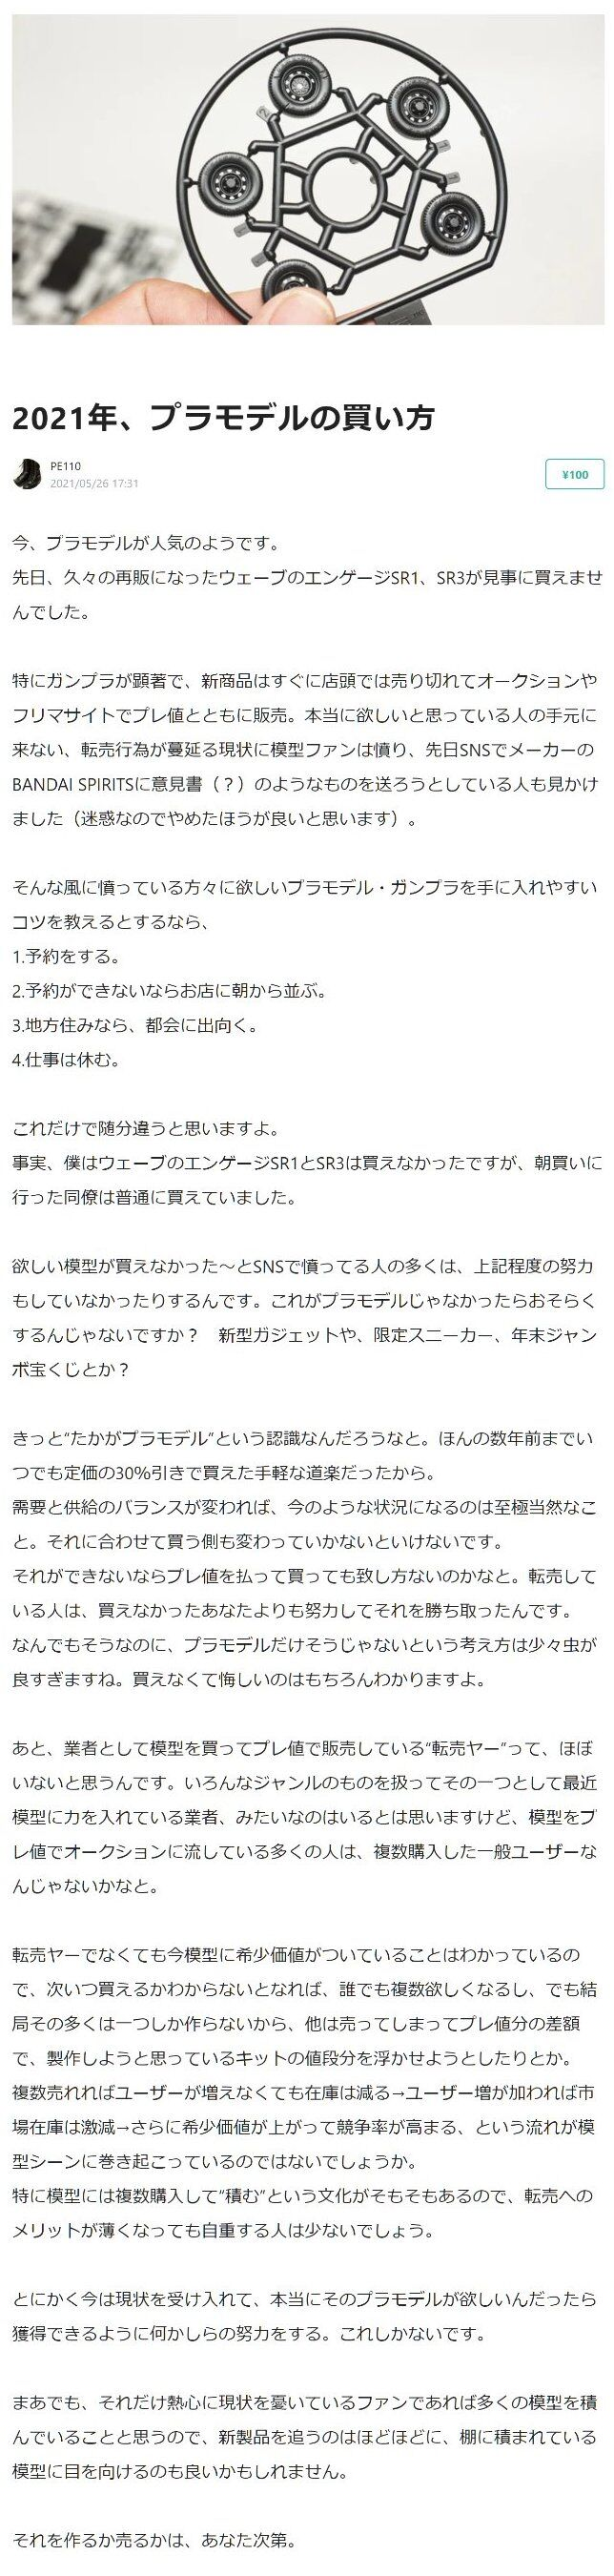 ホビージャパン 編集者 転売 正当化 謝罪 処分に関連した画像-04